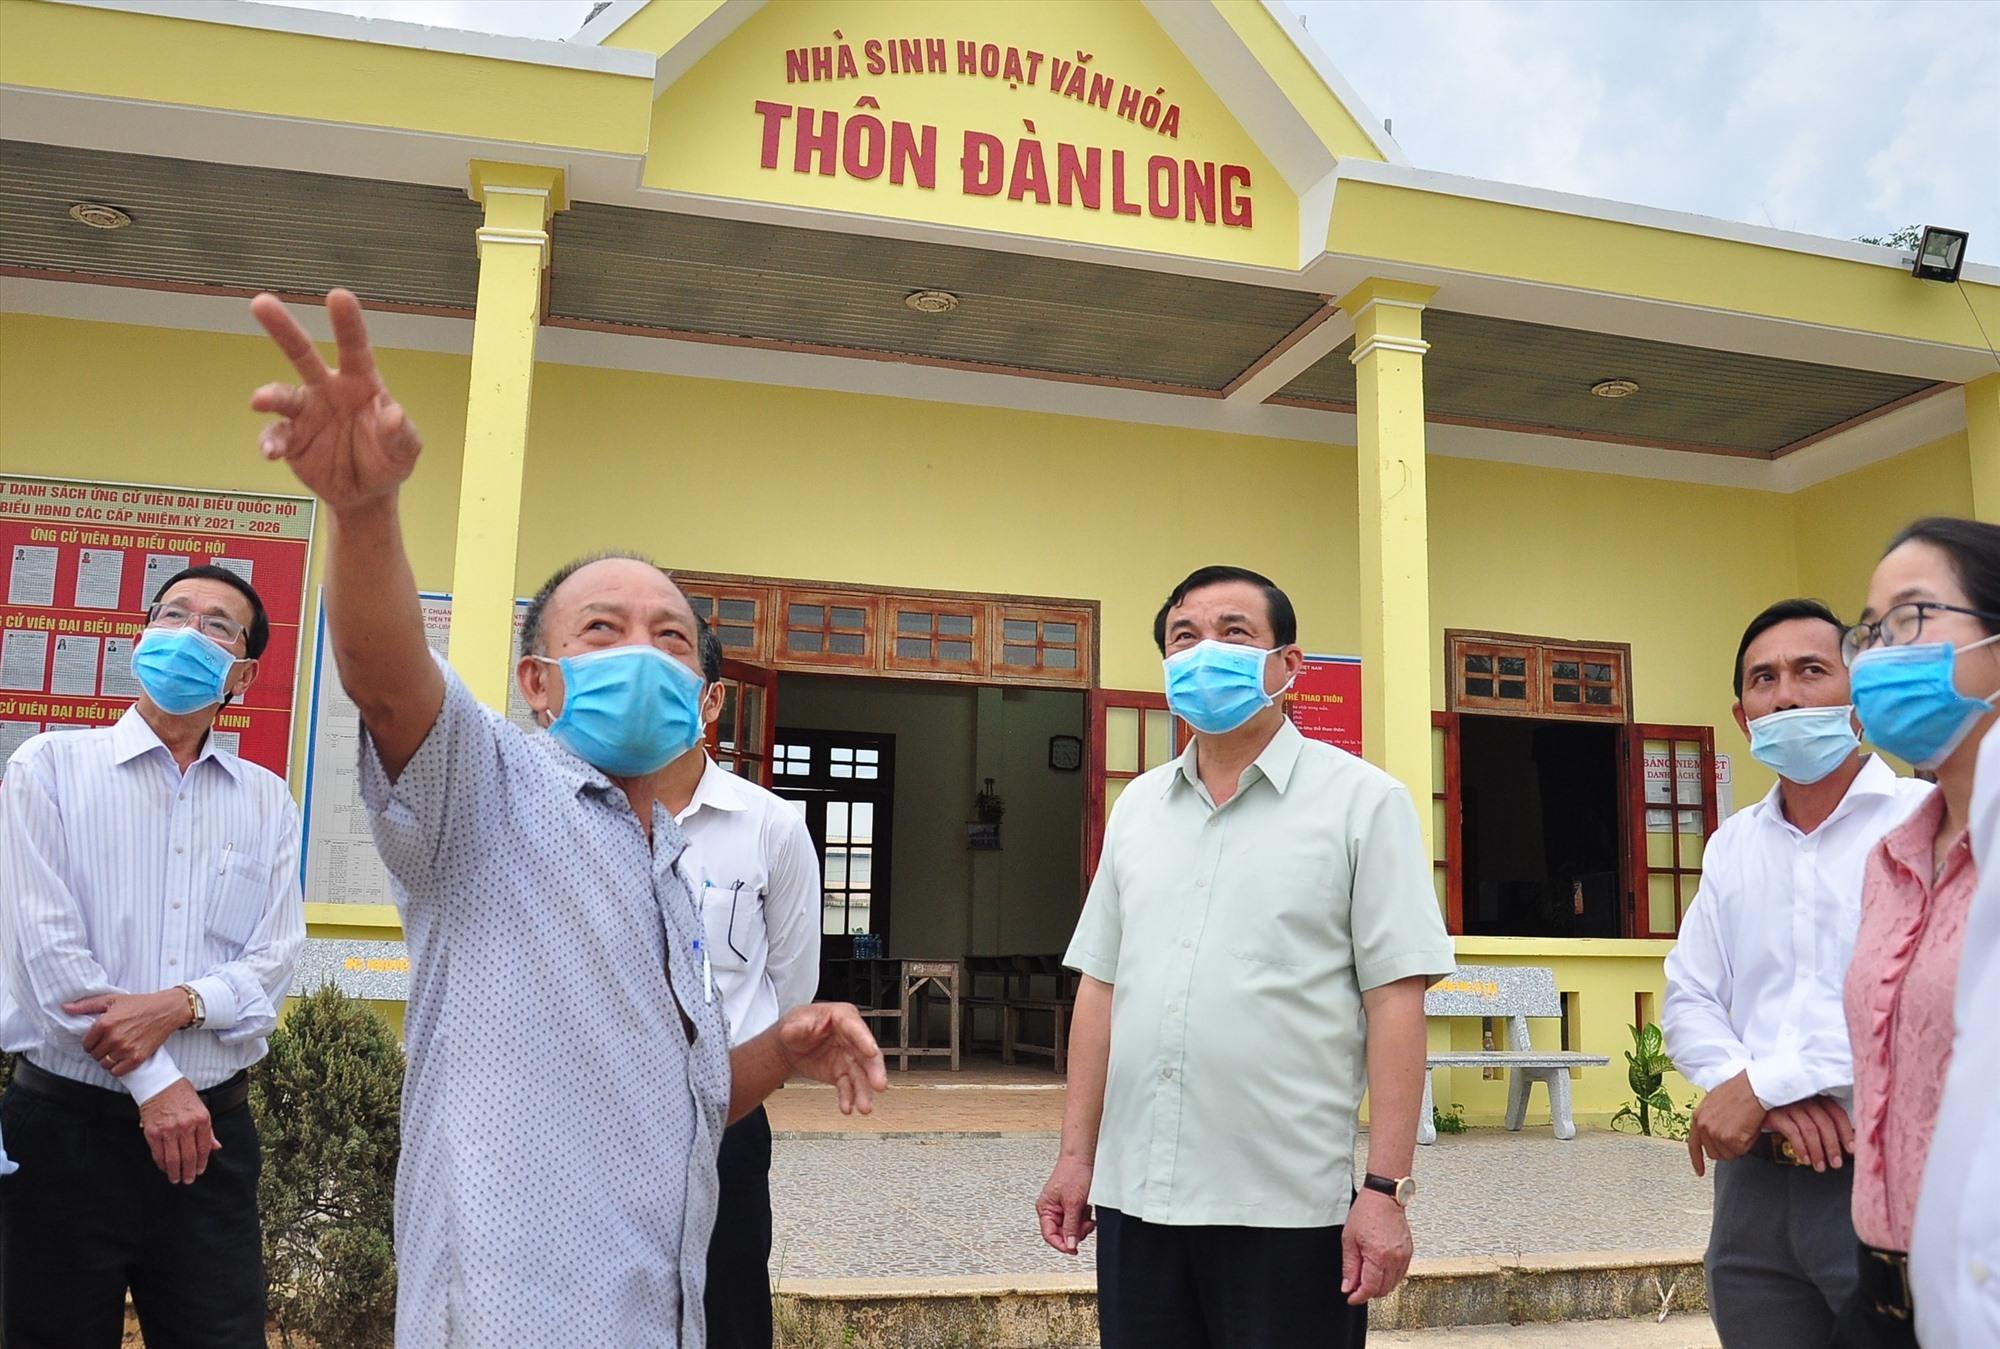 Bí thư Chi bộ, Trưởng thôn Đàn Long, xã Tam Đàn (áo ca rô) trao đổi với đoàn kiểm tra về công tác chuẩn bị bầu cử. Ảnh: VINH ANH